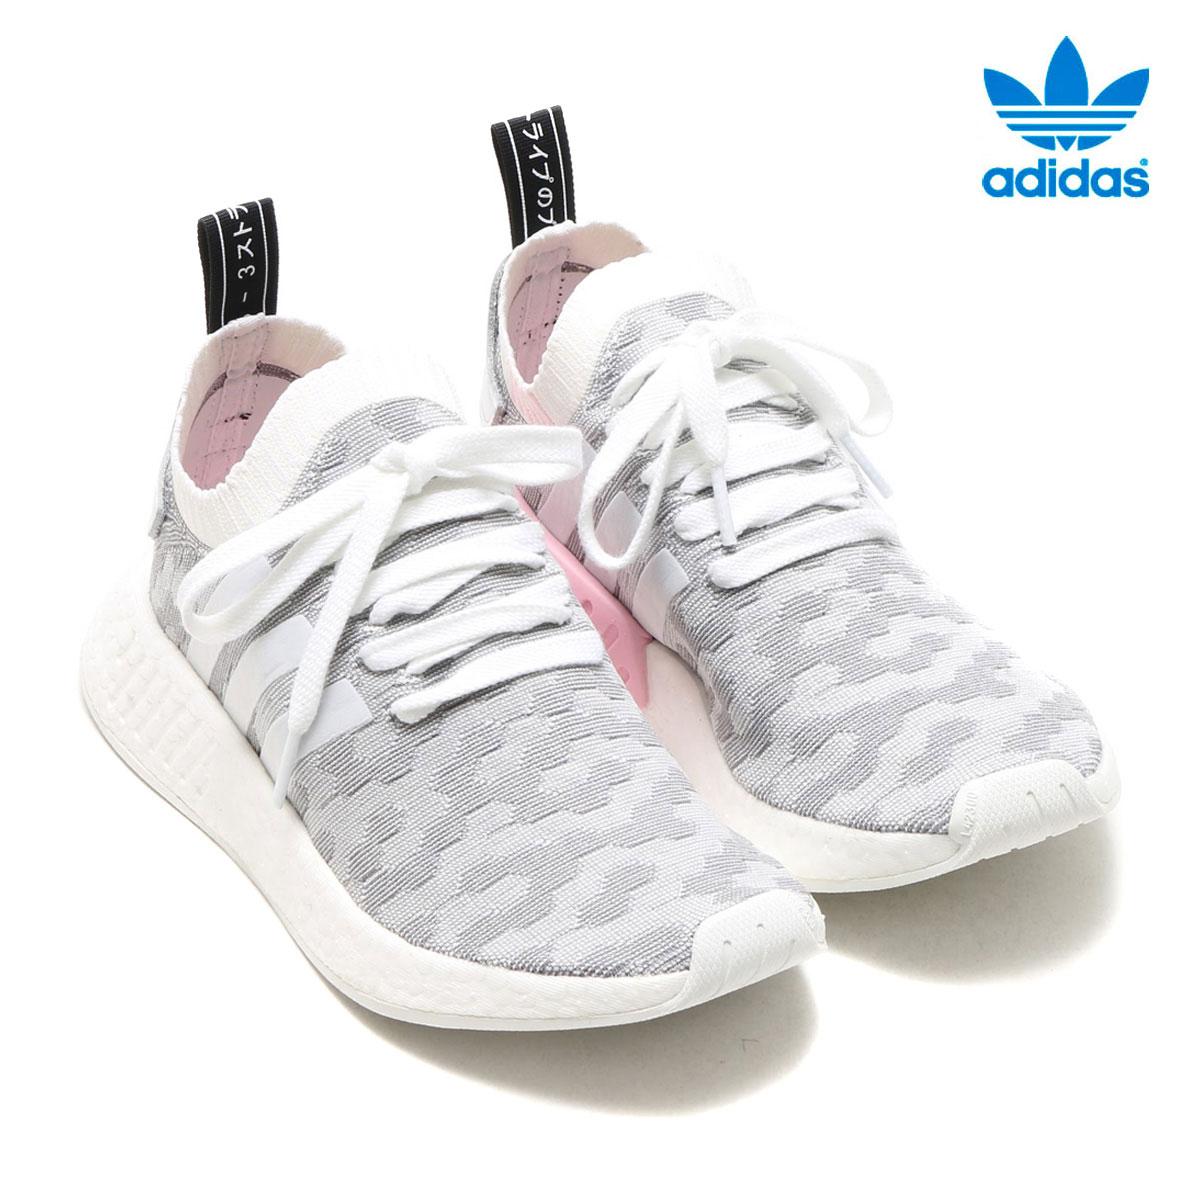 best service c90ec 23a34 adidas Originals NMD R2 PK W (Adidas originals nomad) (RUNNING  WHITE/RUNNING WHITE) 17FW-I